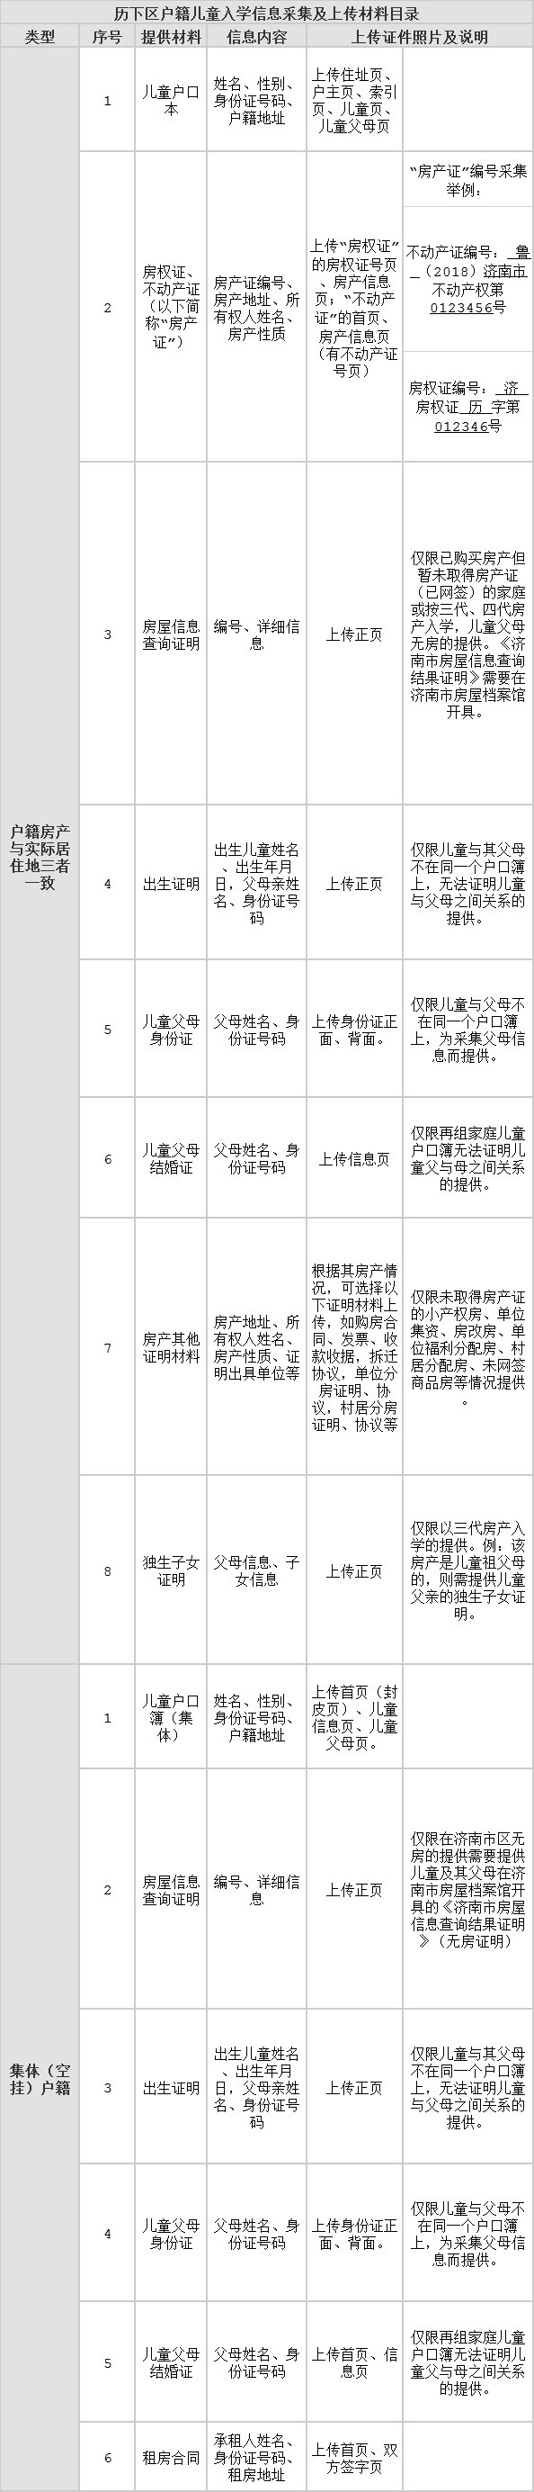 2020济南历下区户籍儿童入学信息采集及上传材料目录